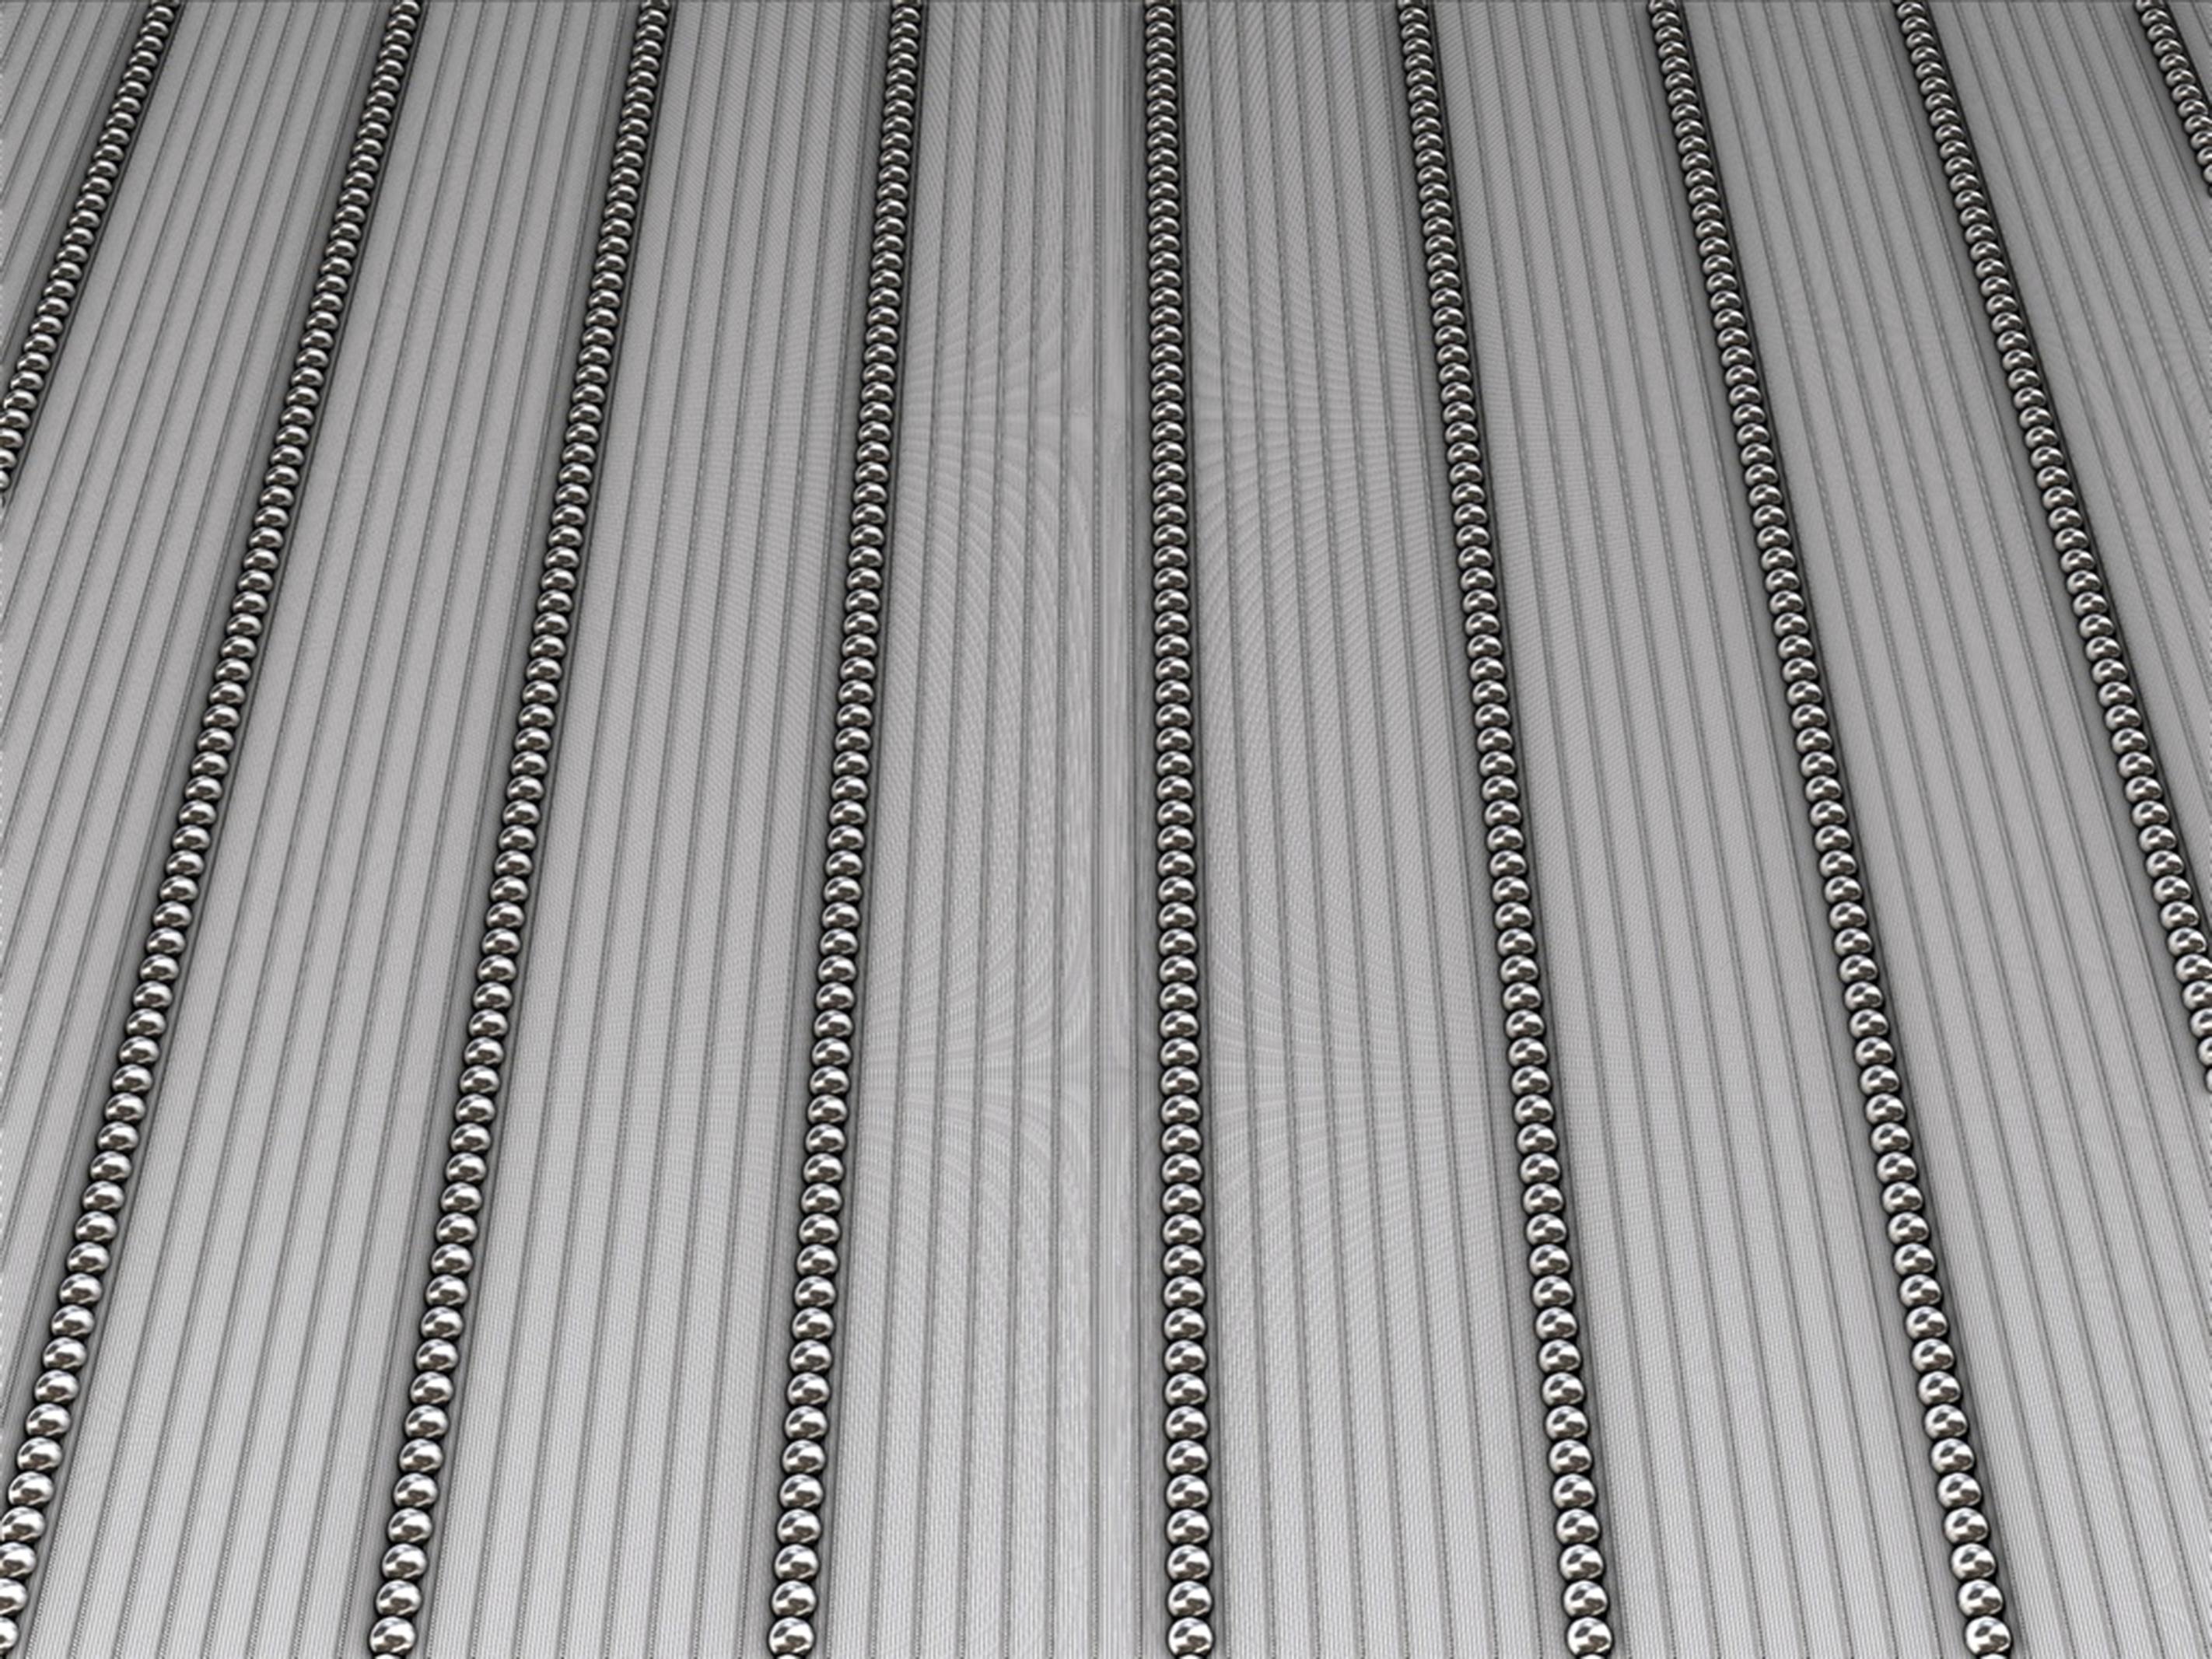 Aluminum Siding Where To Buy Aluminum Siding